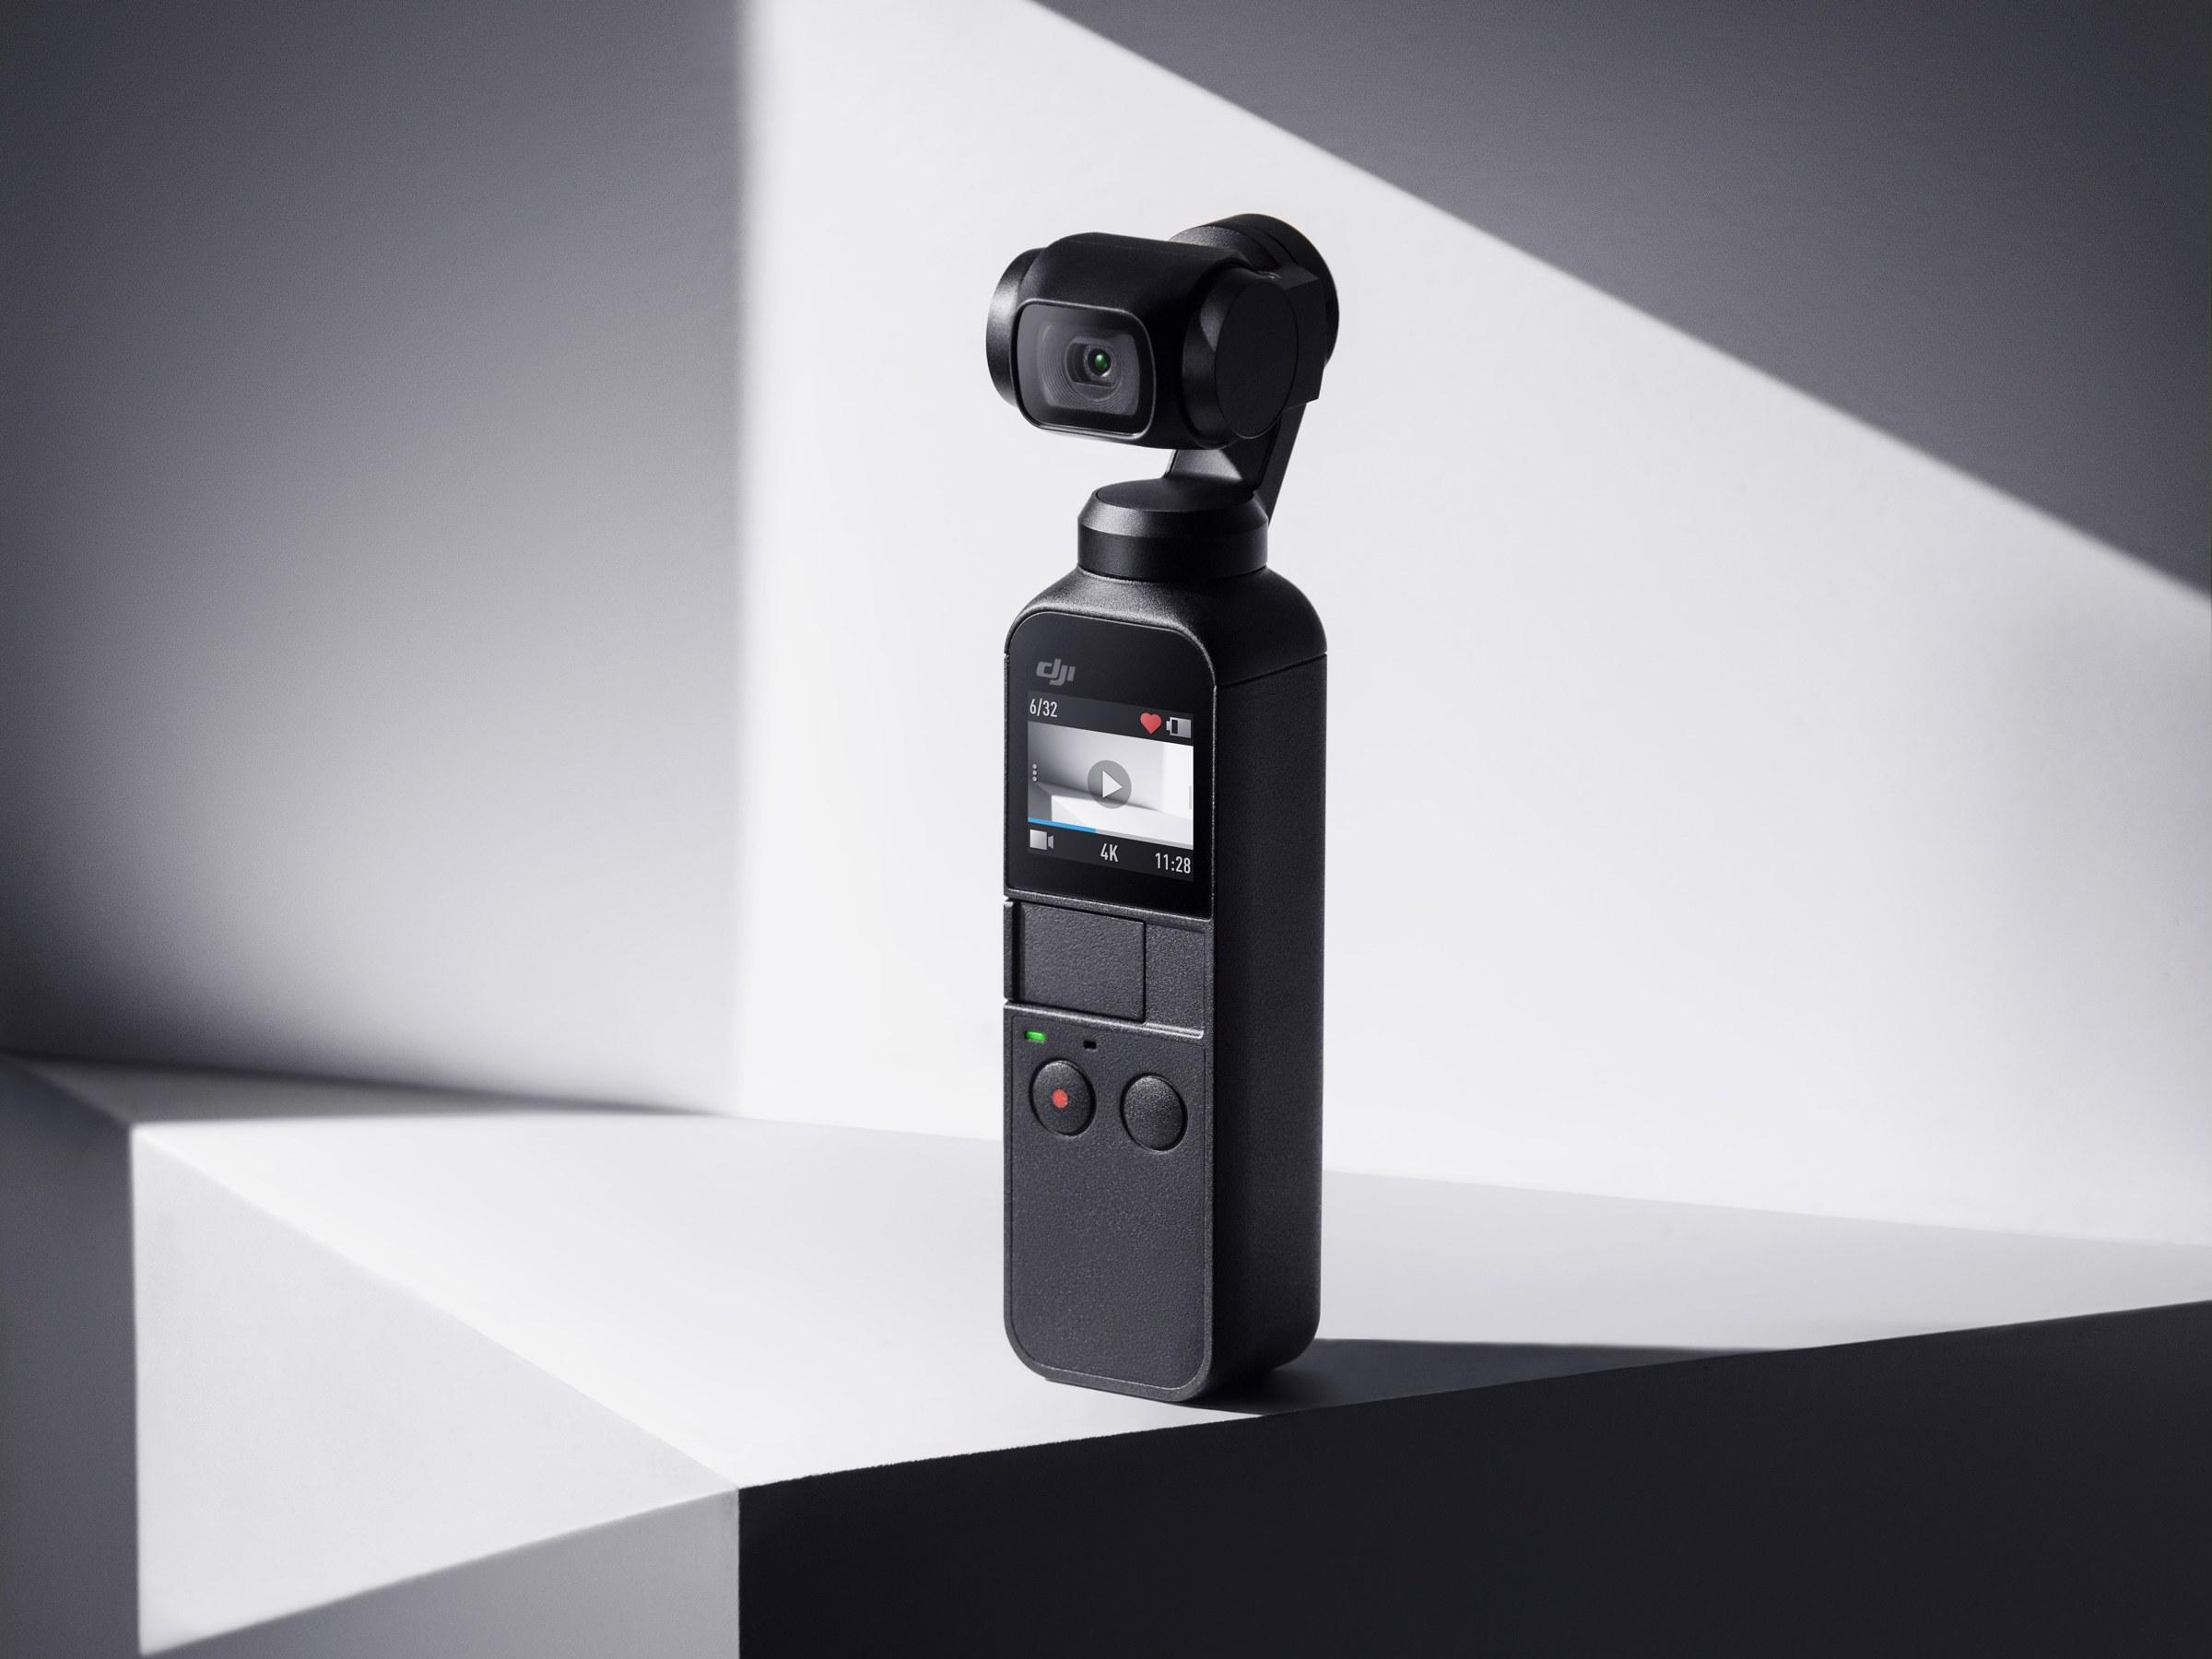 אל תקראו לה מצלמת אקסטרים!המייצב למצלמה (גימבל) DJI Osmo Pocket  משולב מצלמה